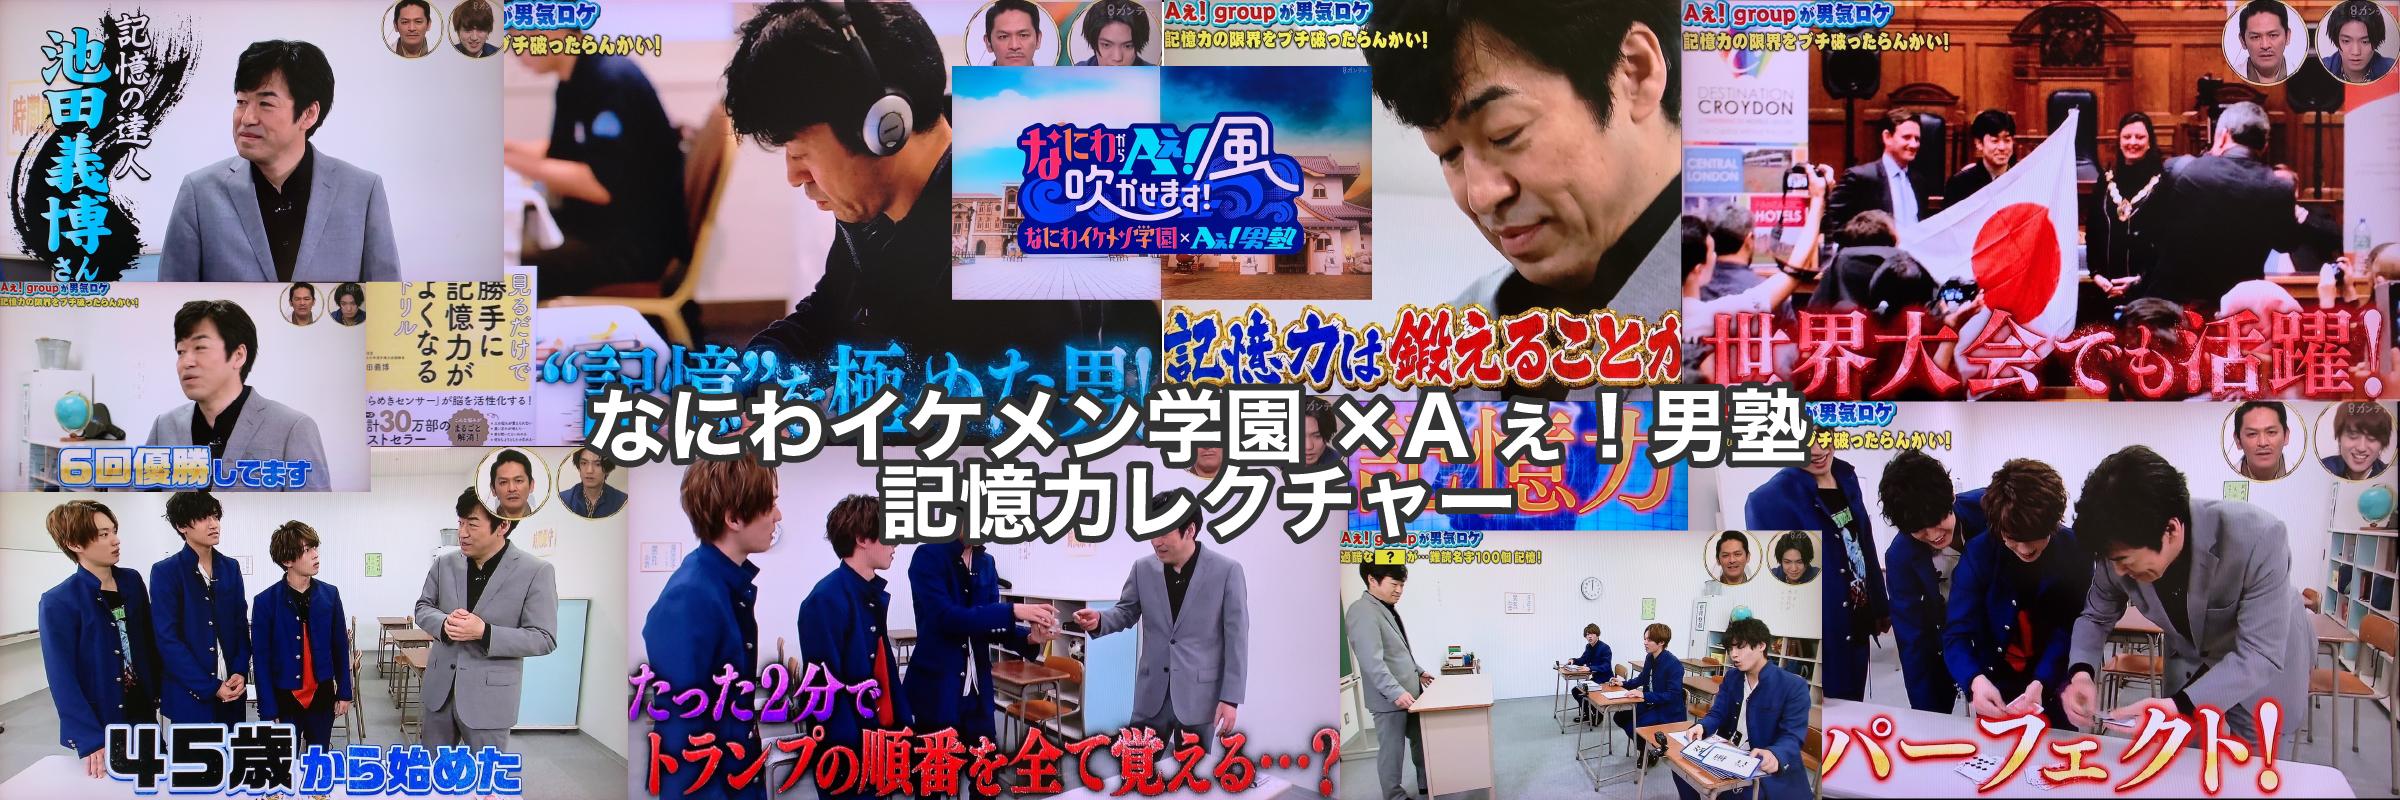 なにわイケメン学園×Aぇ!男塾 池田義博